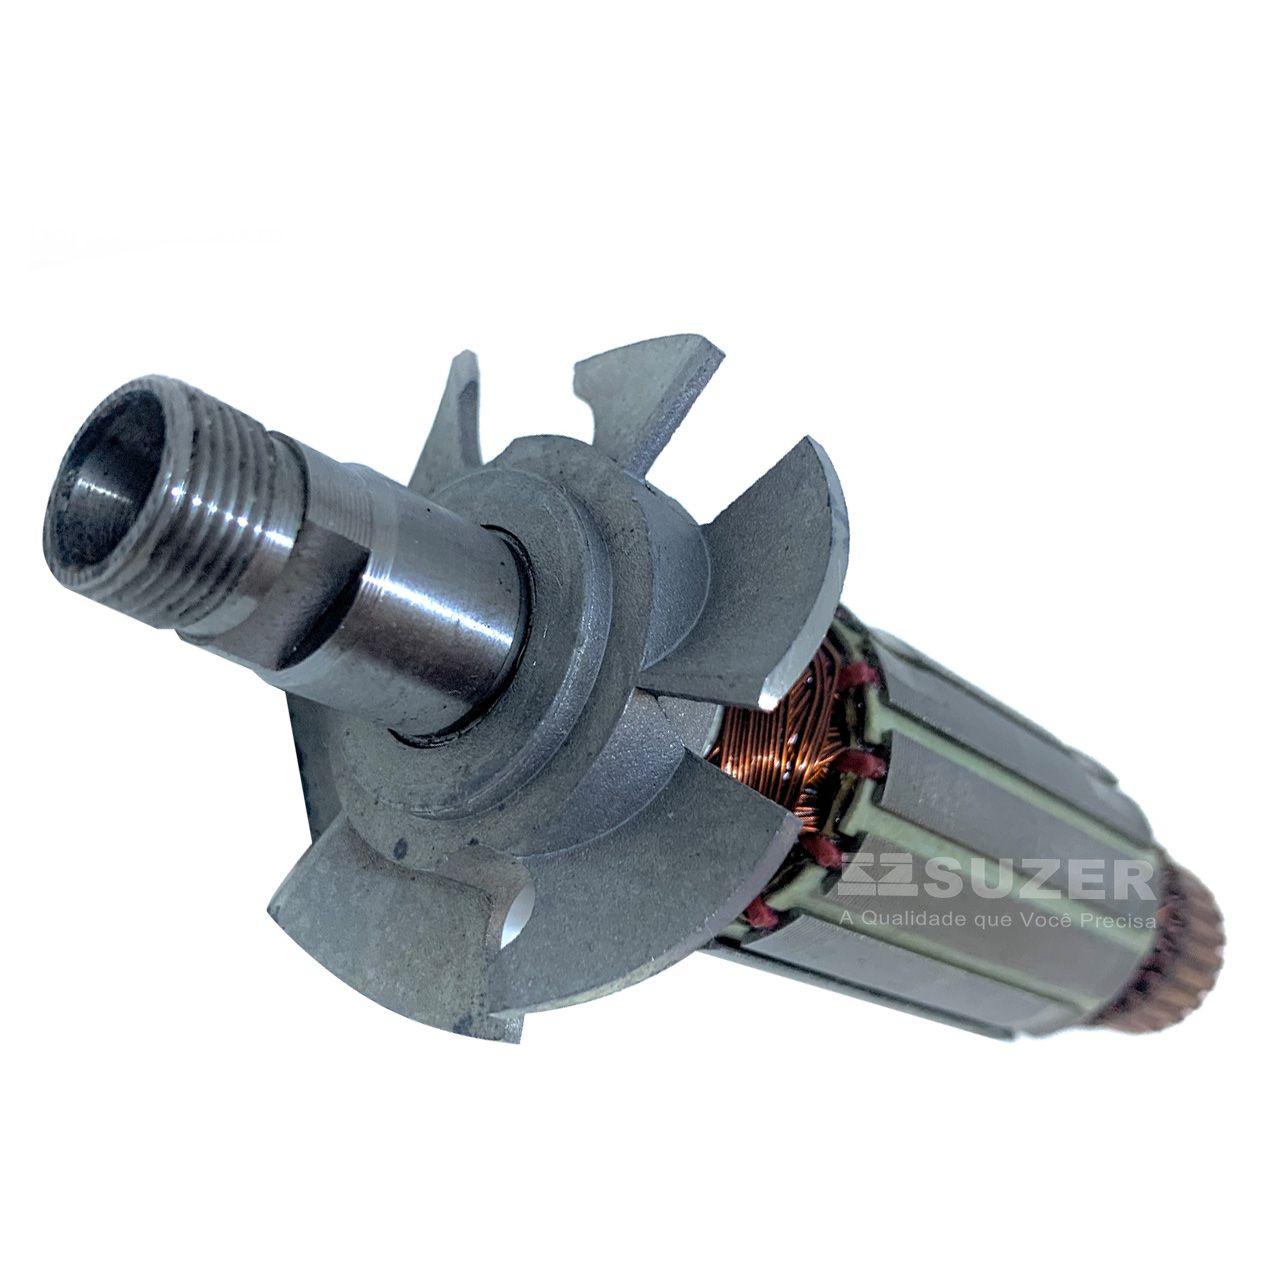 Induzido para Tupia 6mm 3709 Dongcheng